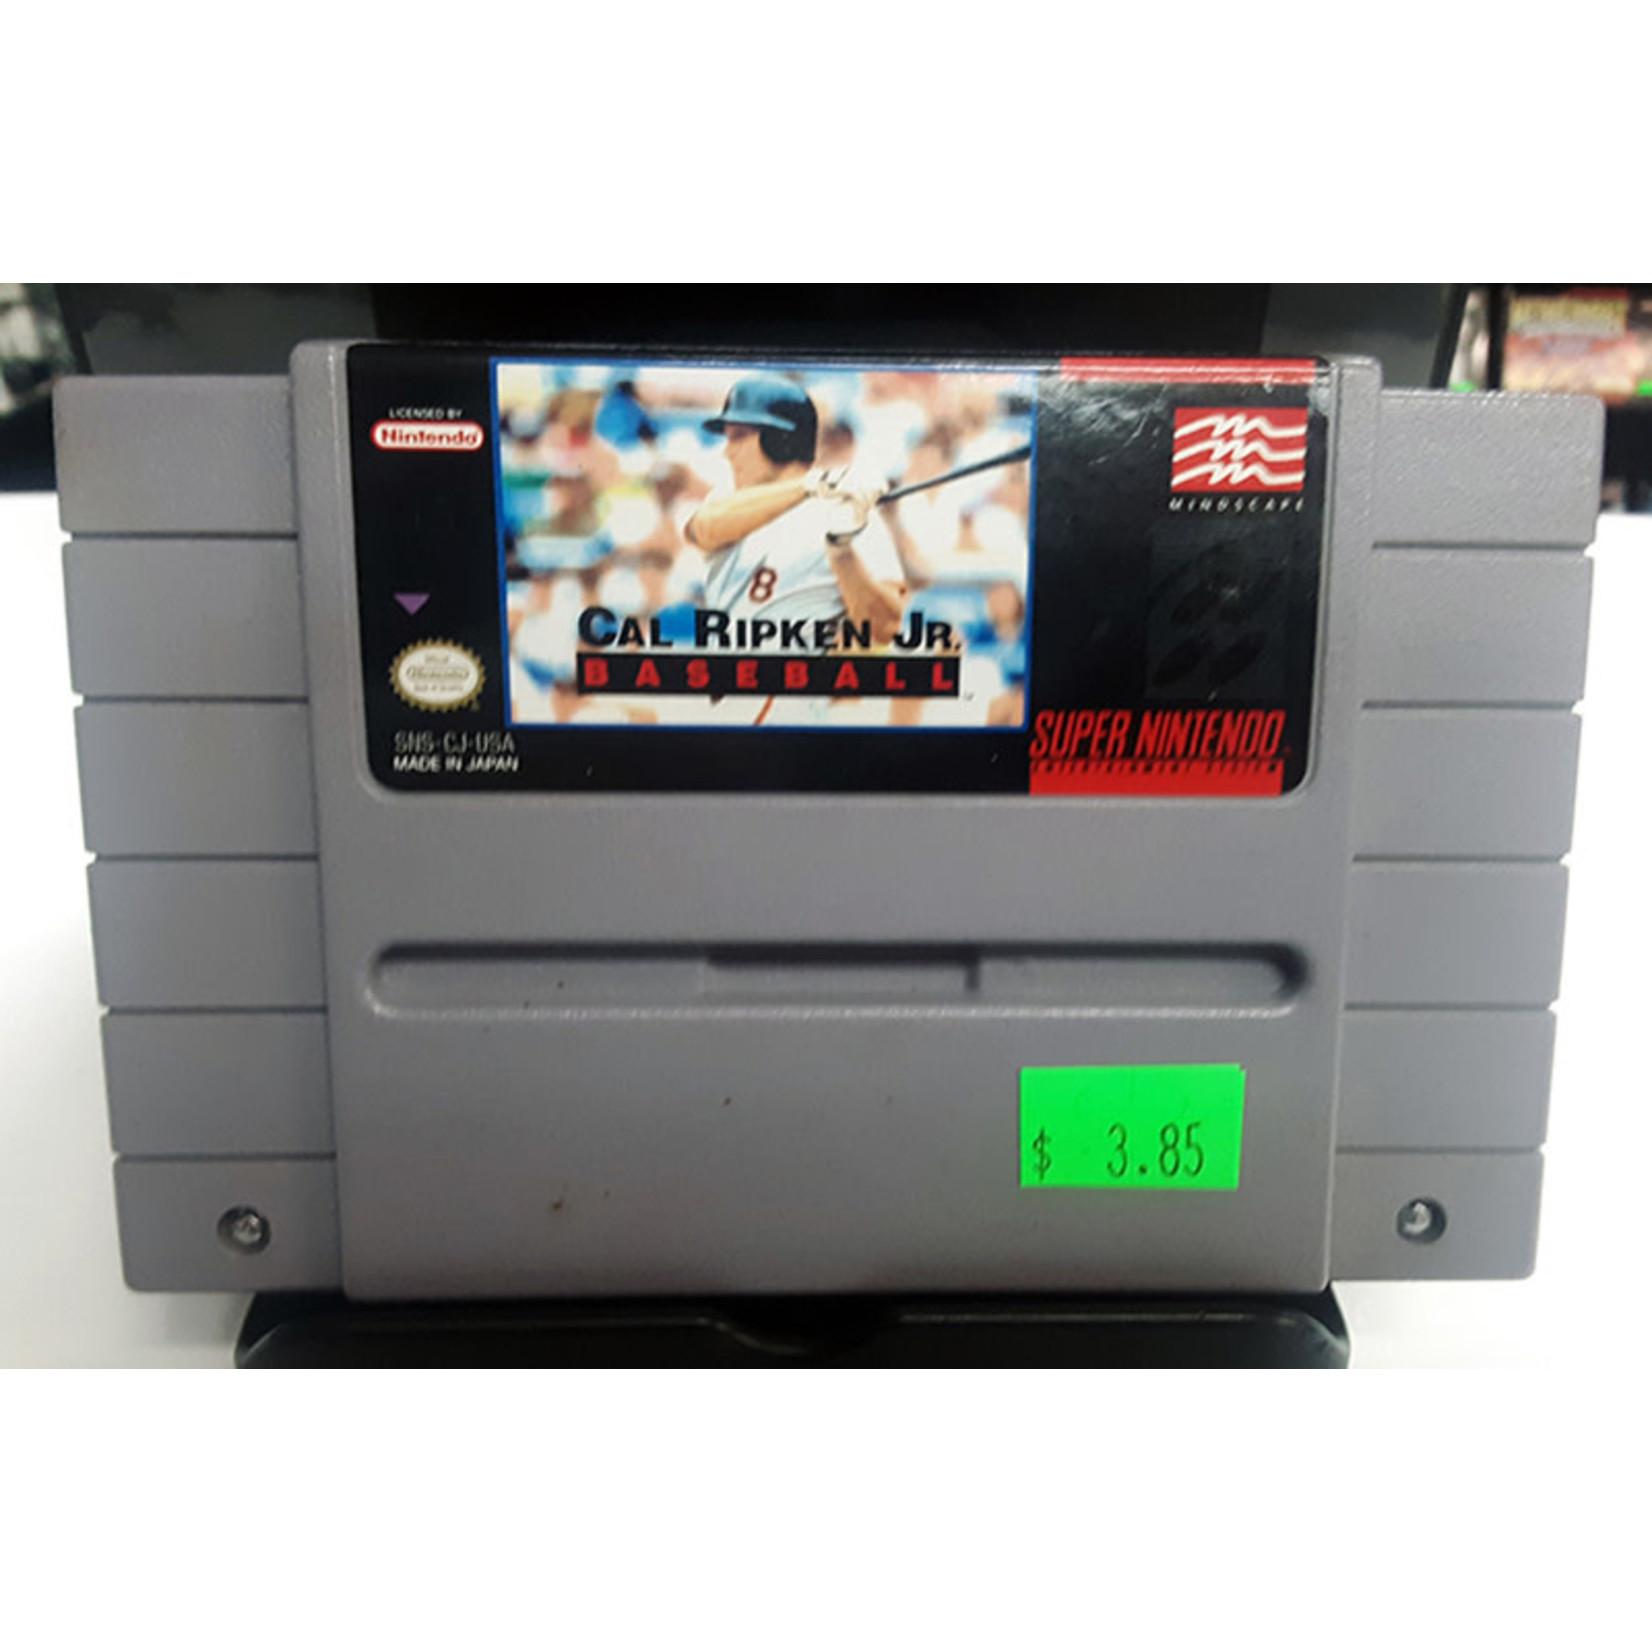 SNESu-Cal Ripkin Jr Baseball (cartridge)